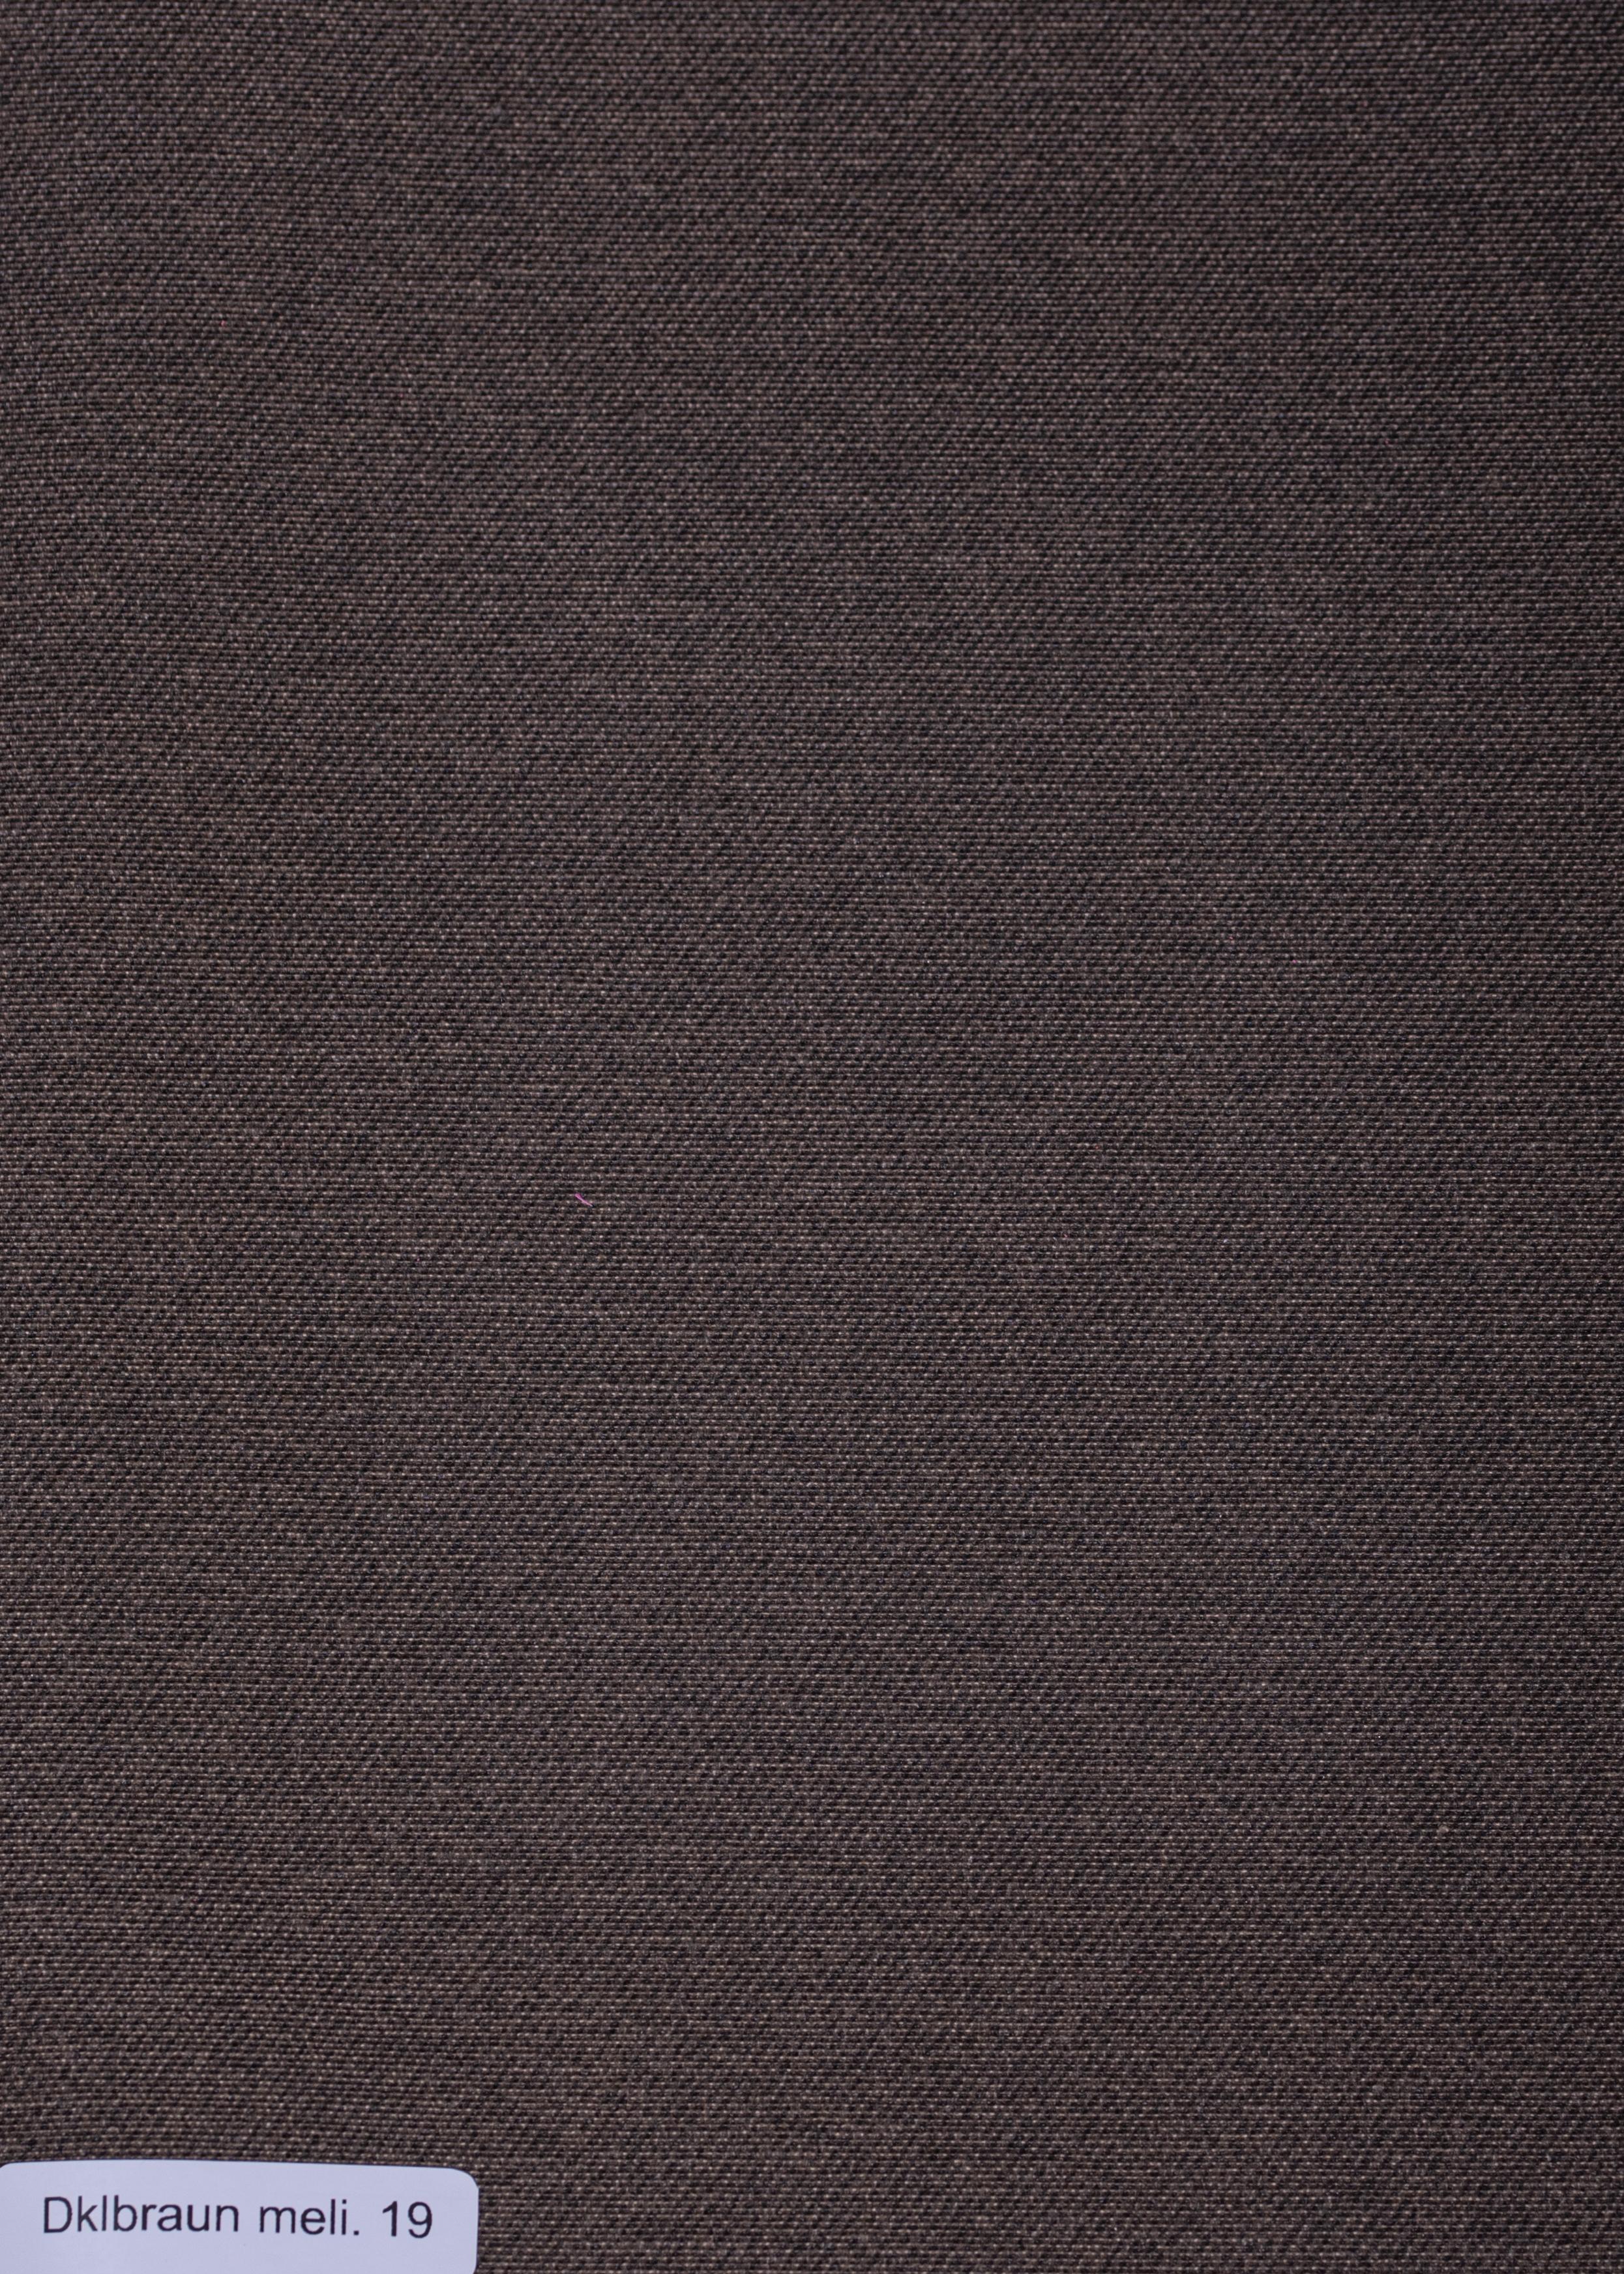 019-Dunkelbraun-meliert-19